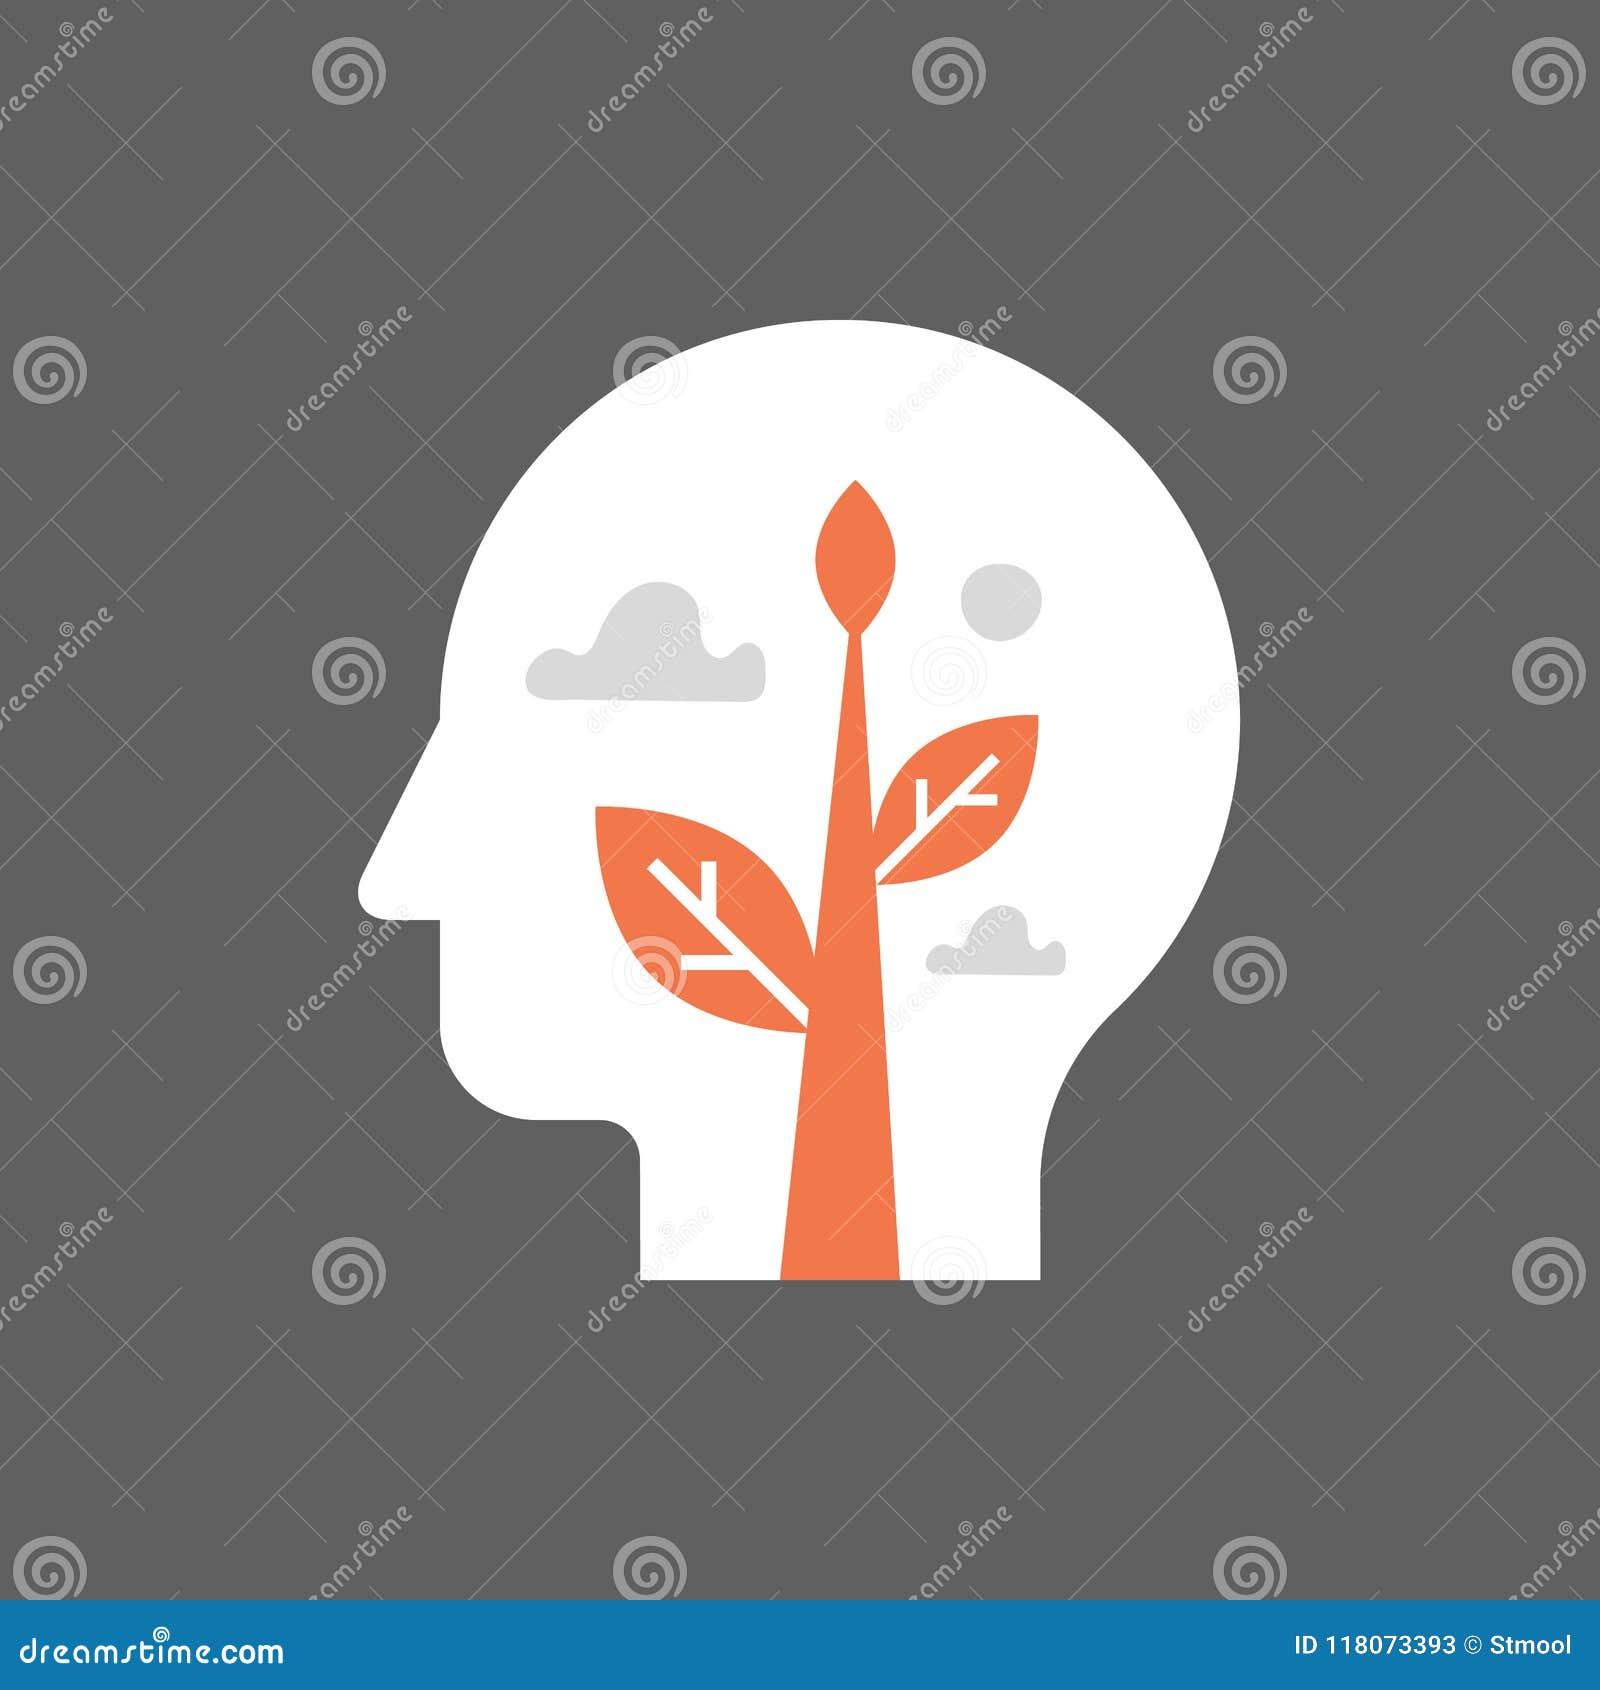 Inneres Stück, Selbstwachstum, mögliche Entwicklung, psychische Gesundheit, positive Denkrichtung, aufmerksamer Lebensstil, Medit